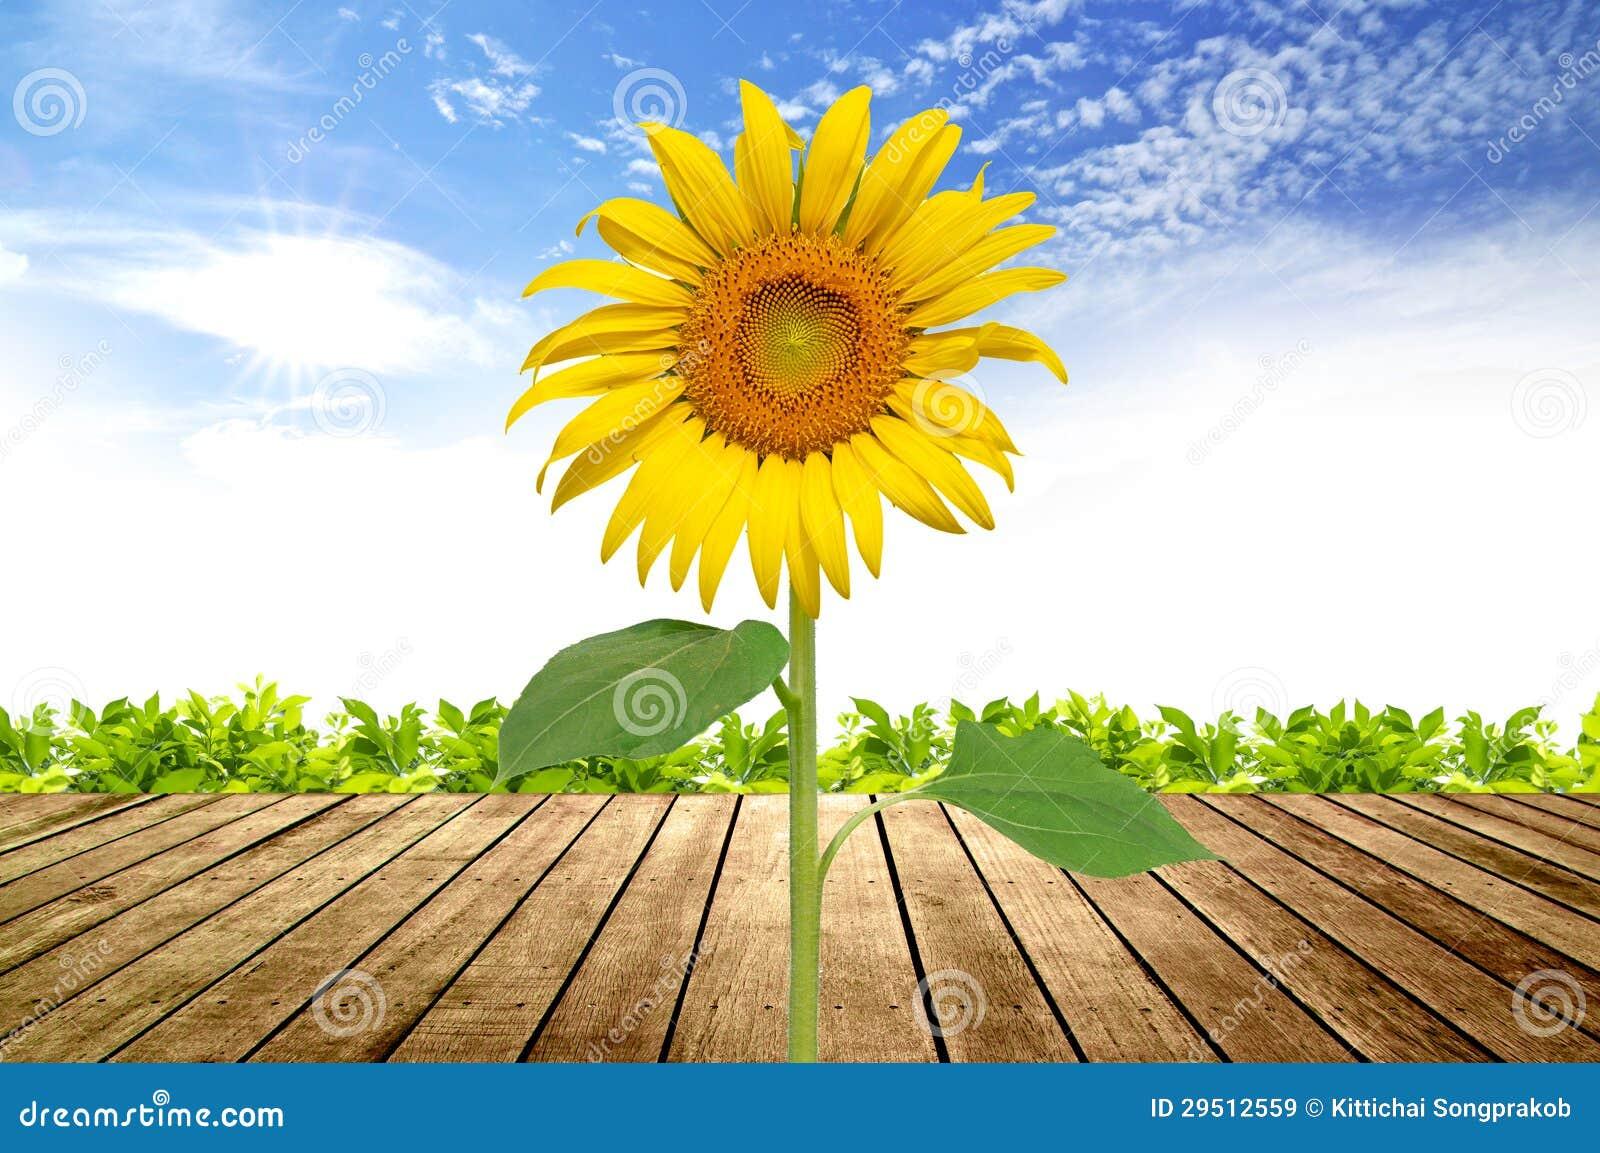 向日葵開花圖片